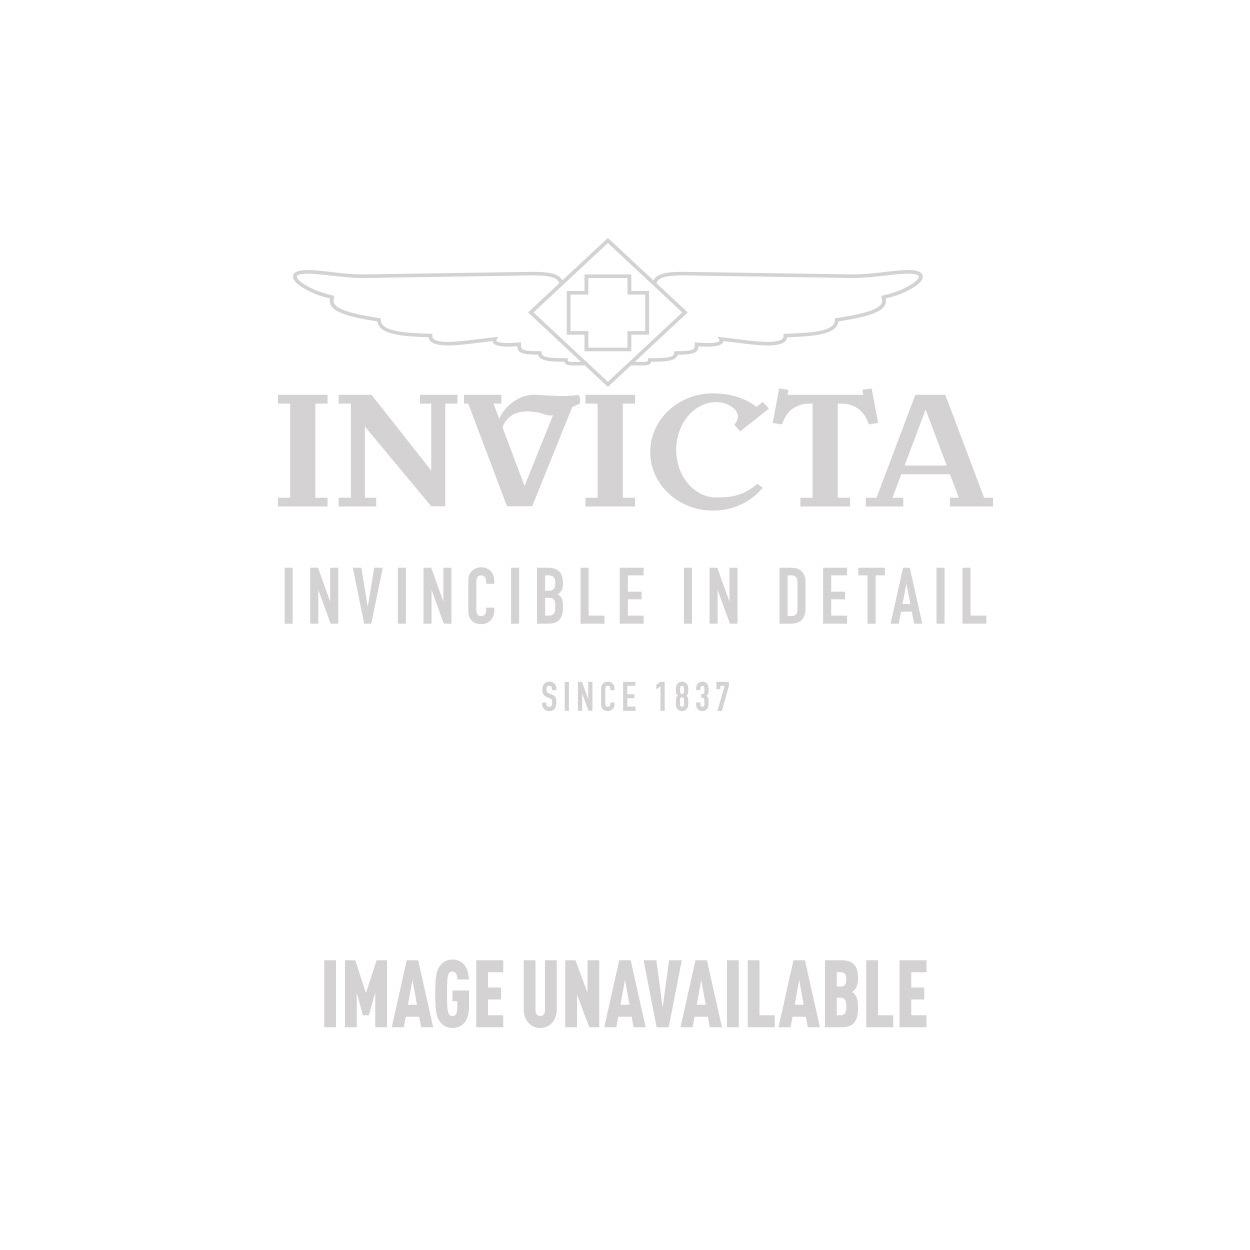 Invicta Model  25201